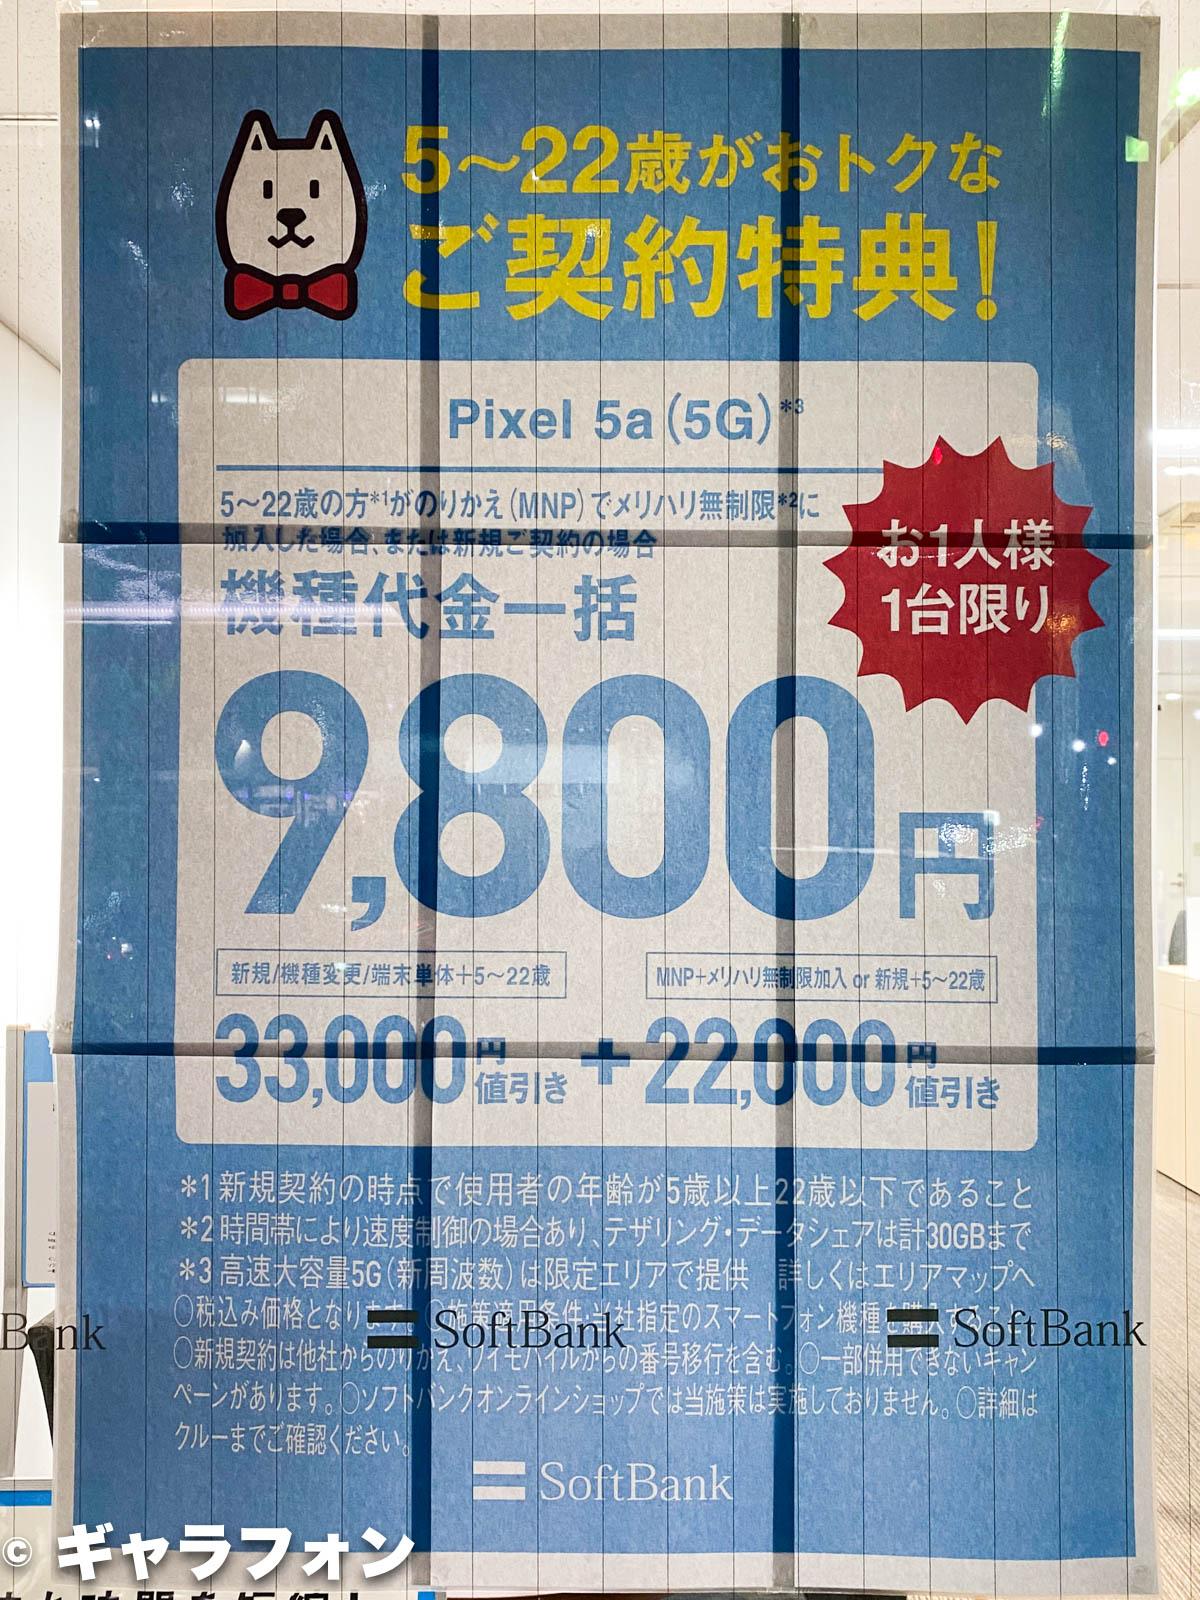 ソフトバンク版Google Pixel 5a (5G)が機種代金9,800円